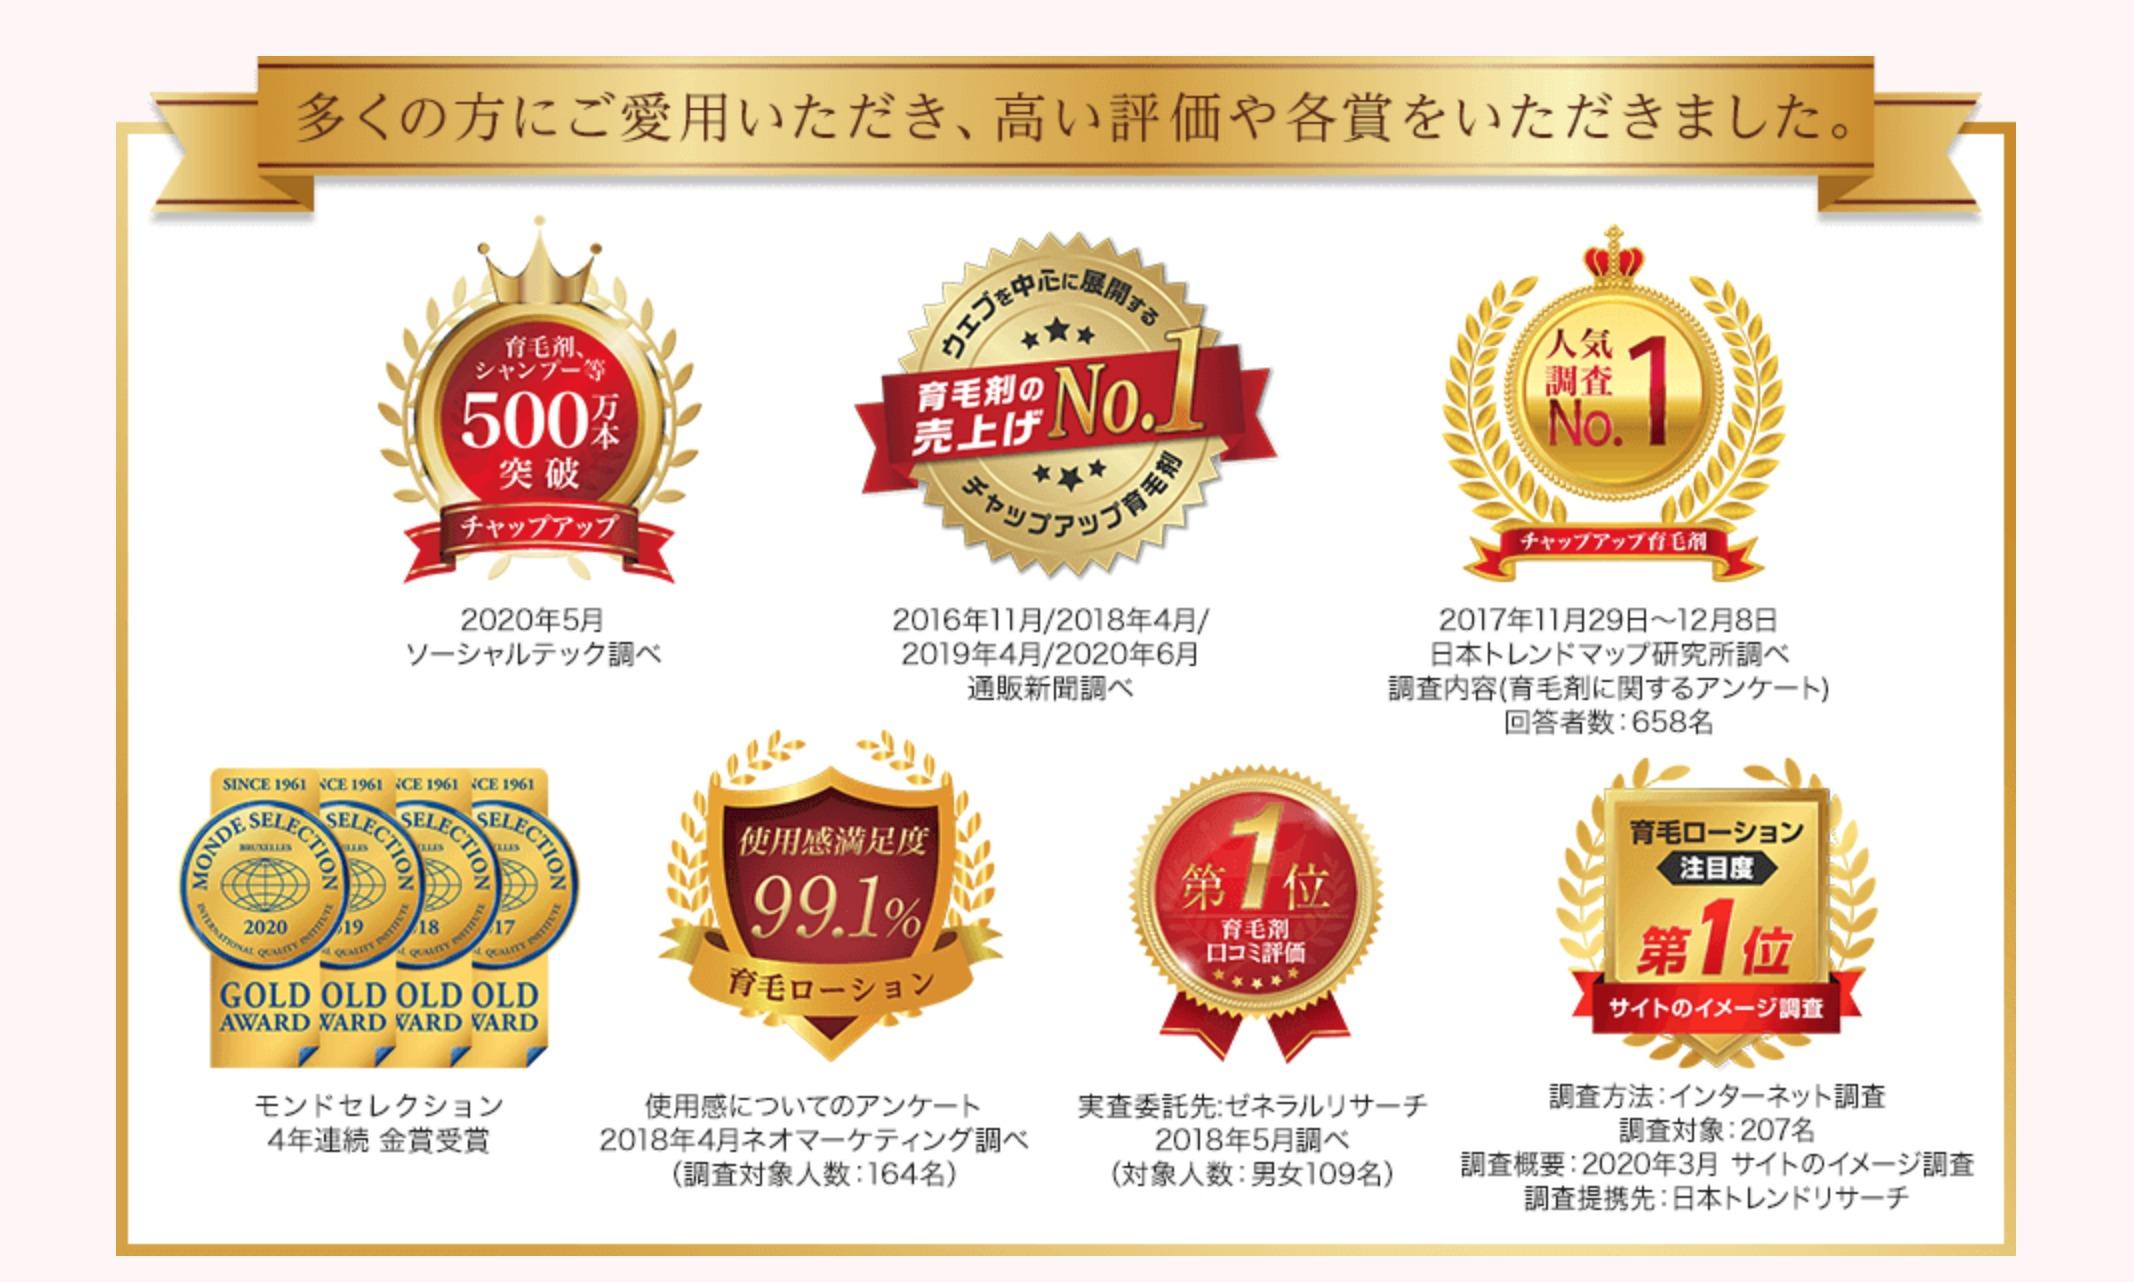 チャップアップの様々な受賞履歴